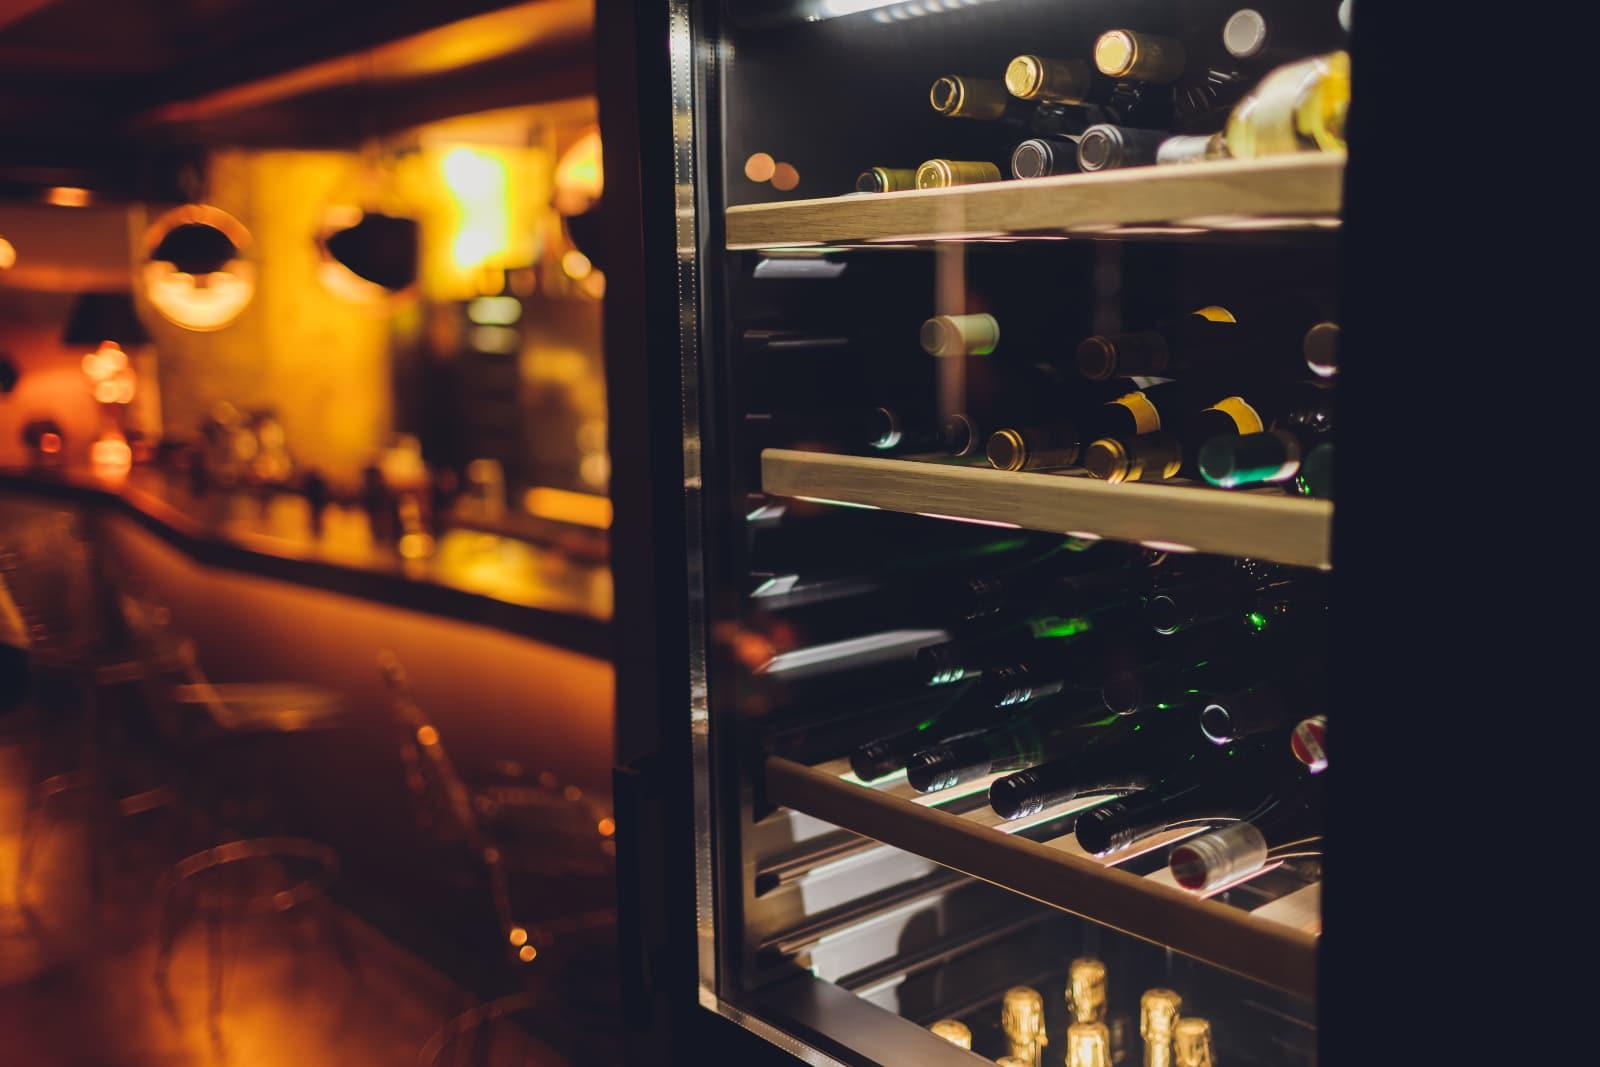 Storing Bottles in Wine Fridge